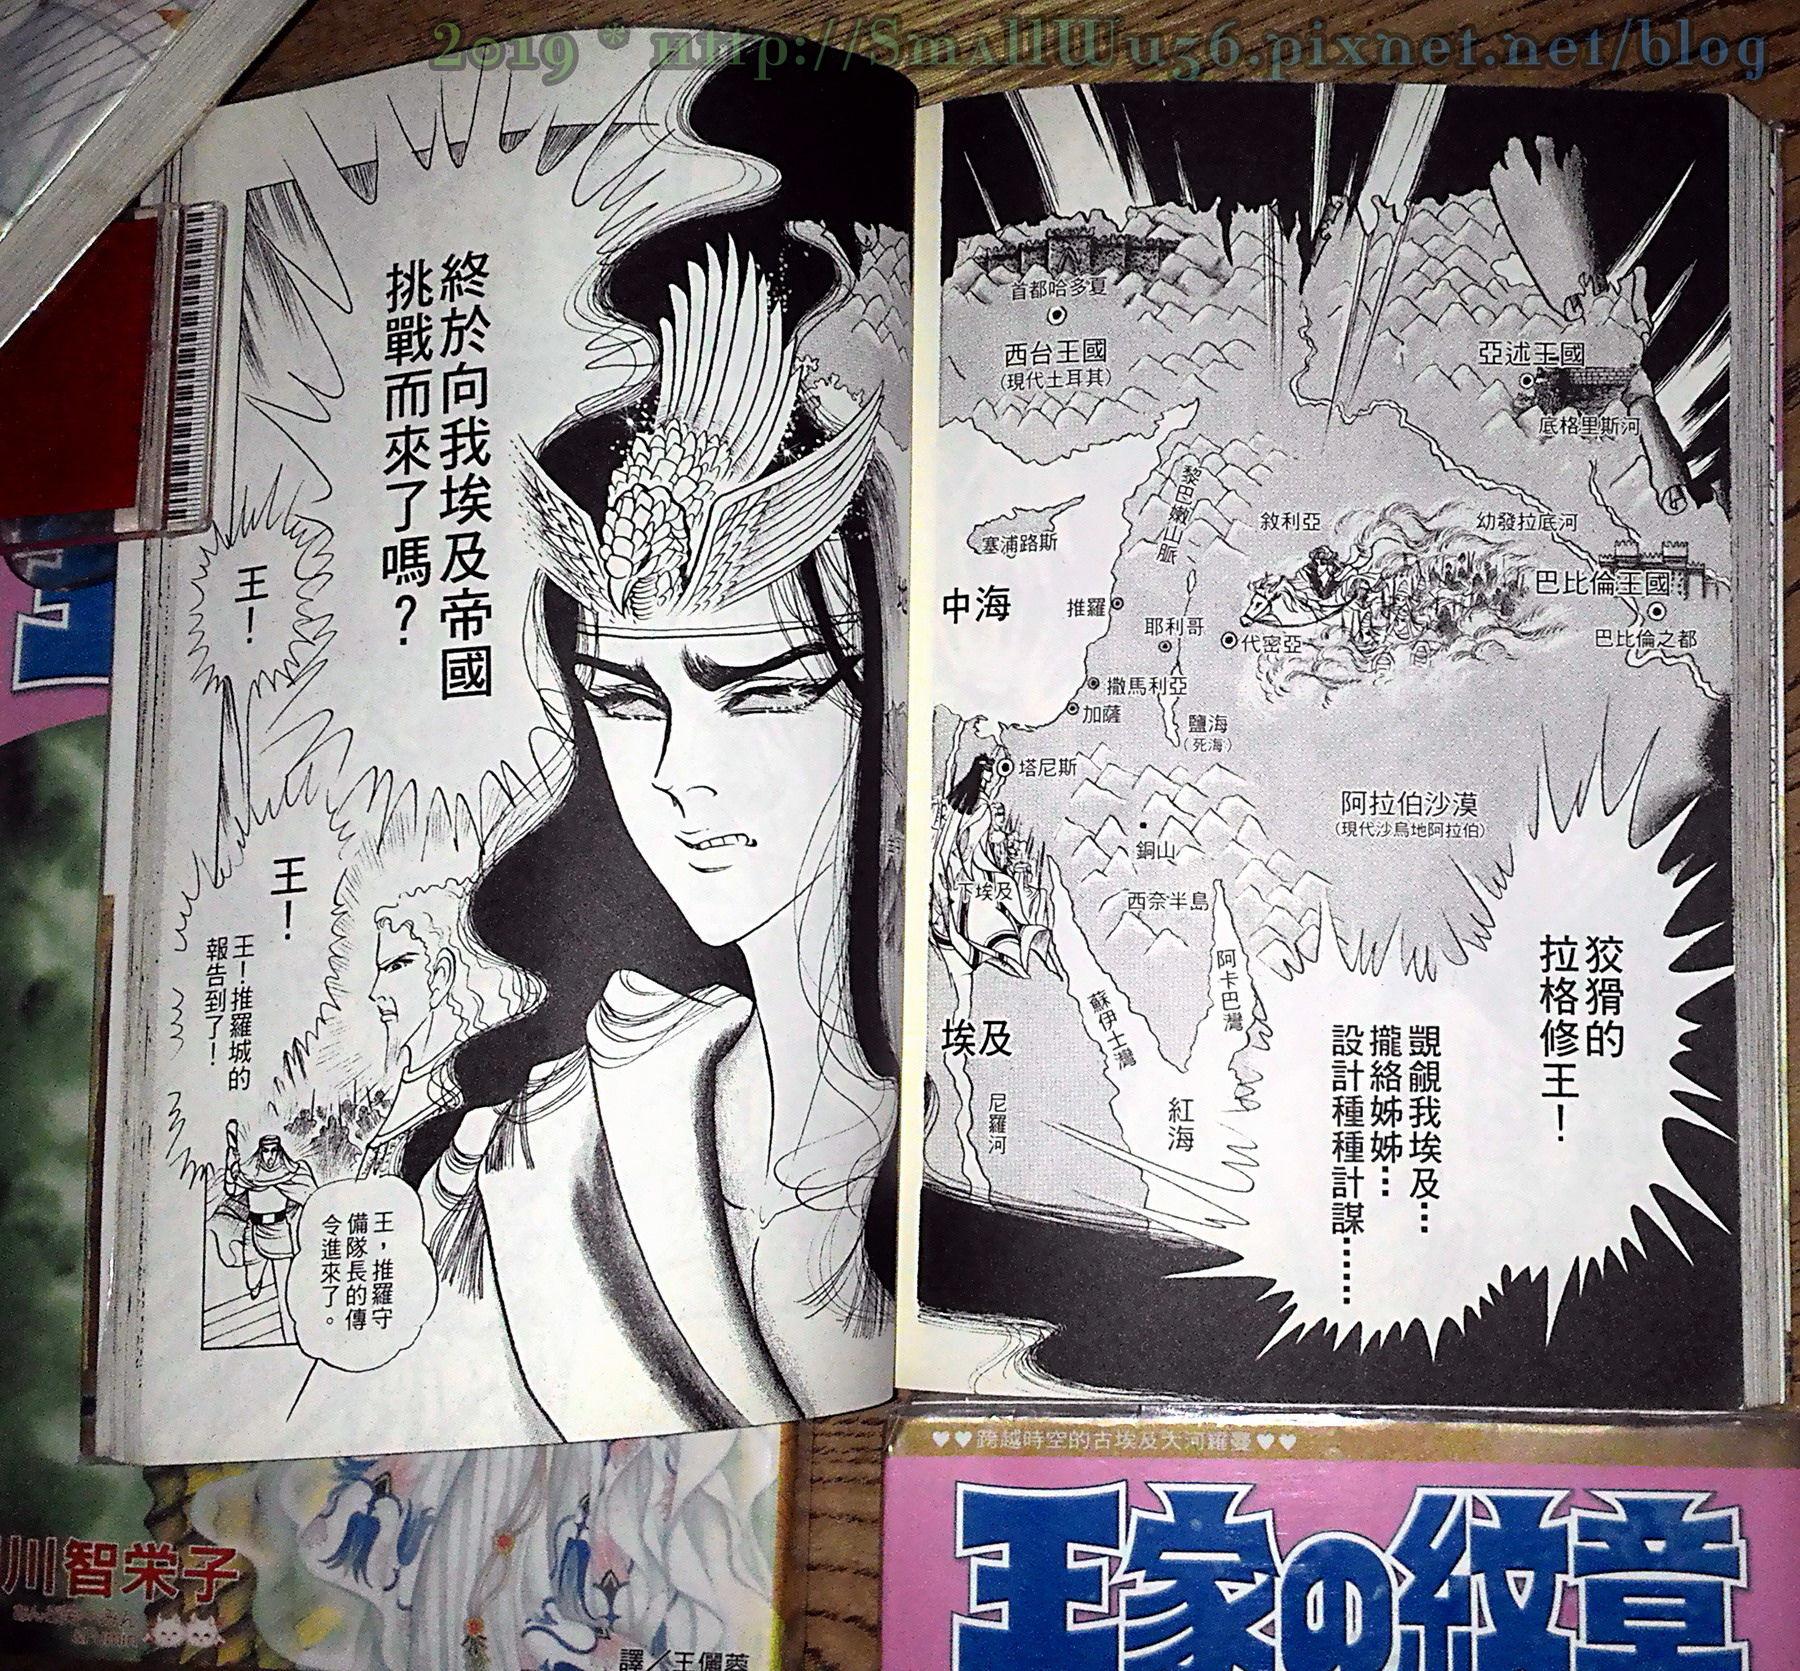 細川智榮子-王家的紋章(尼羅河女兒) 11-26 (長鴻)  vol_22 地圖.jpg